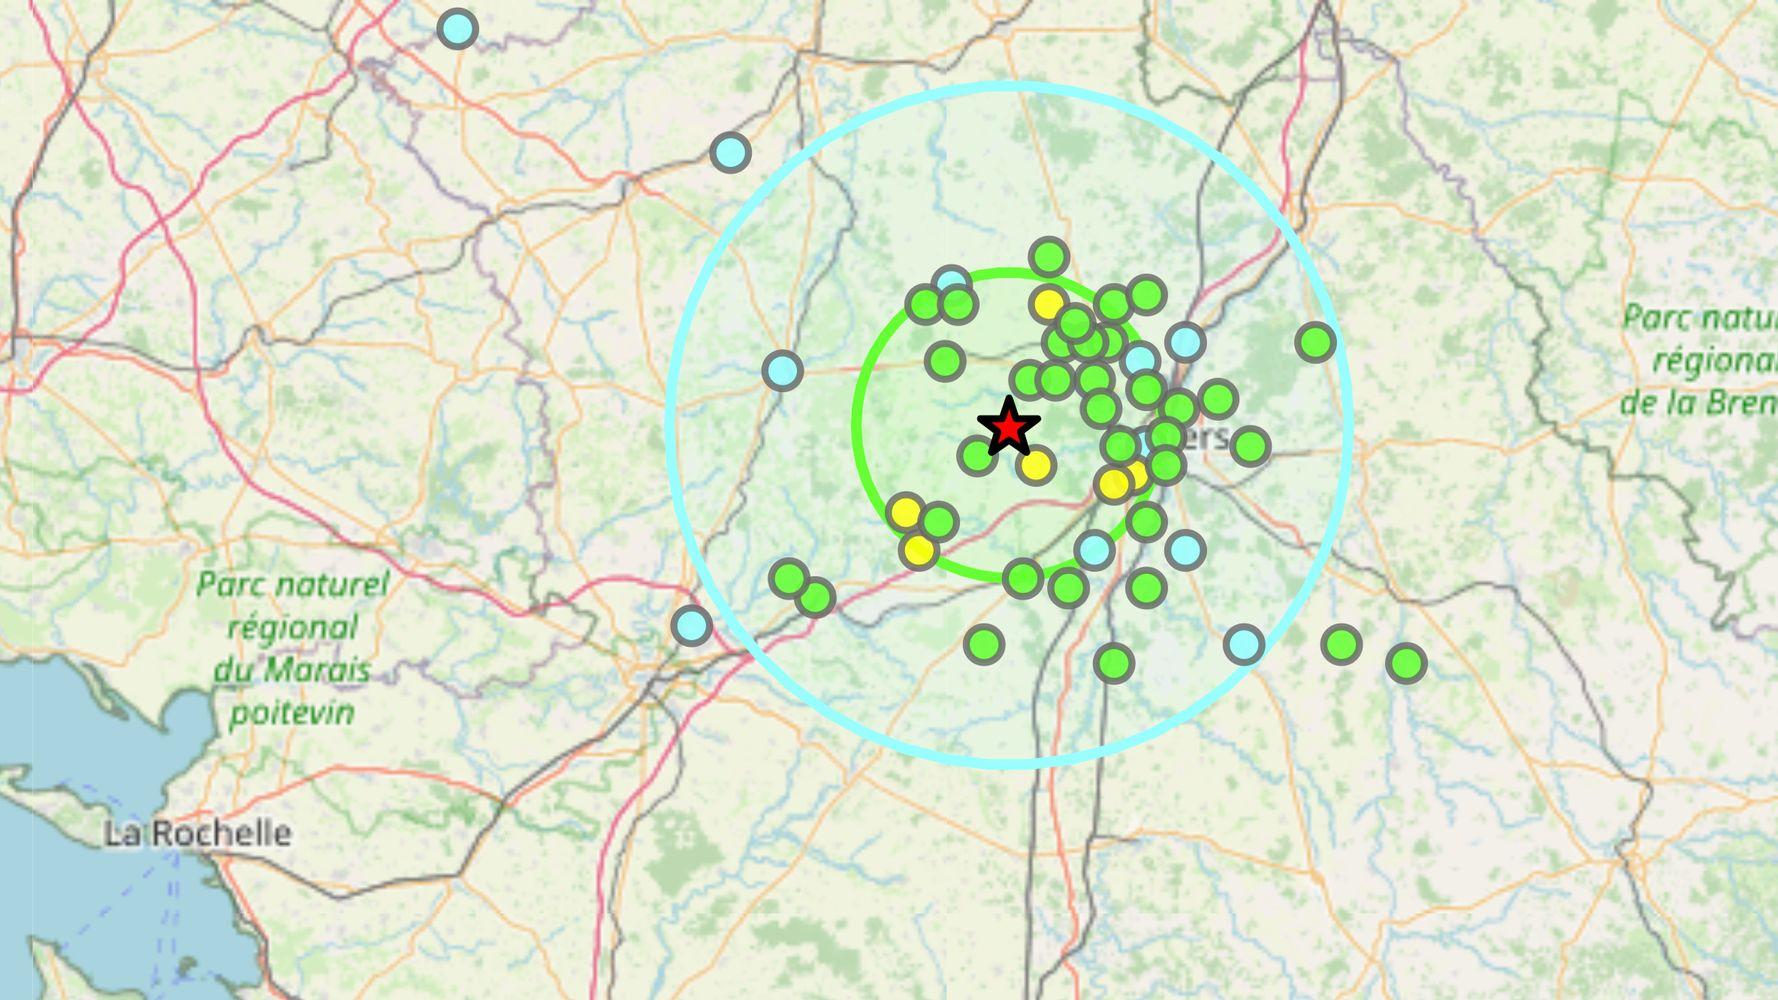 Un tremblement de terre ressenti près de Poitiers, pas de dégâts signalés